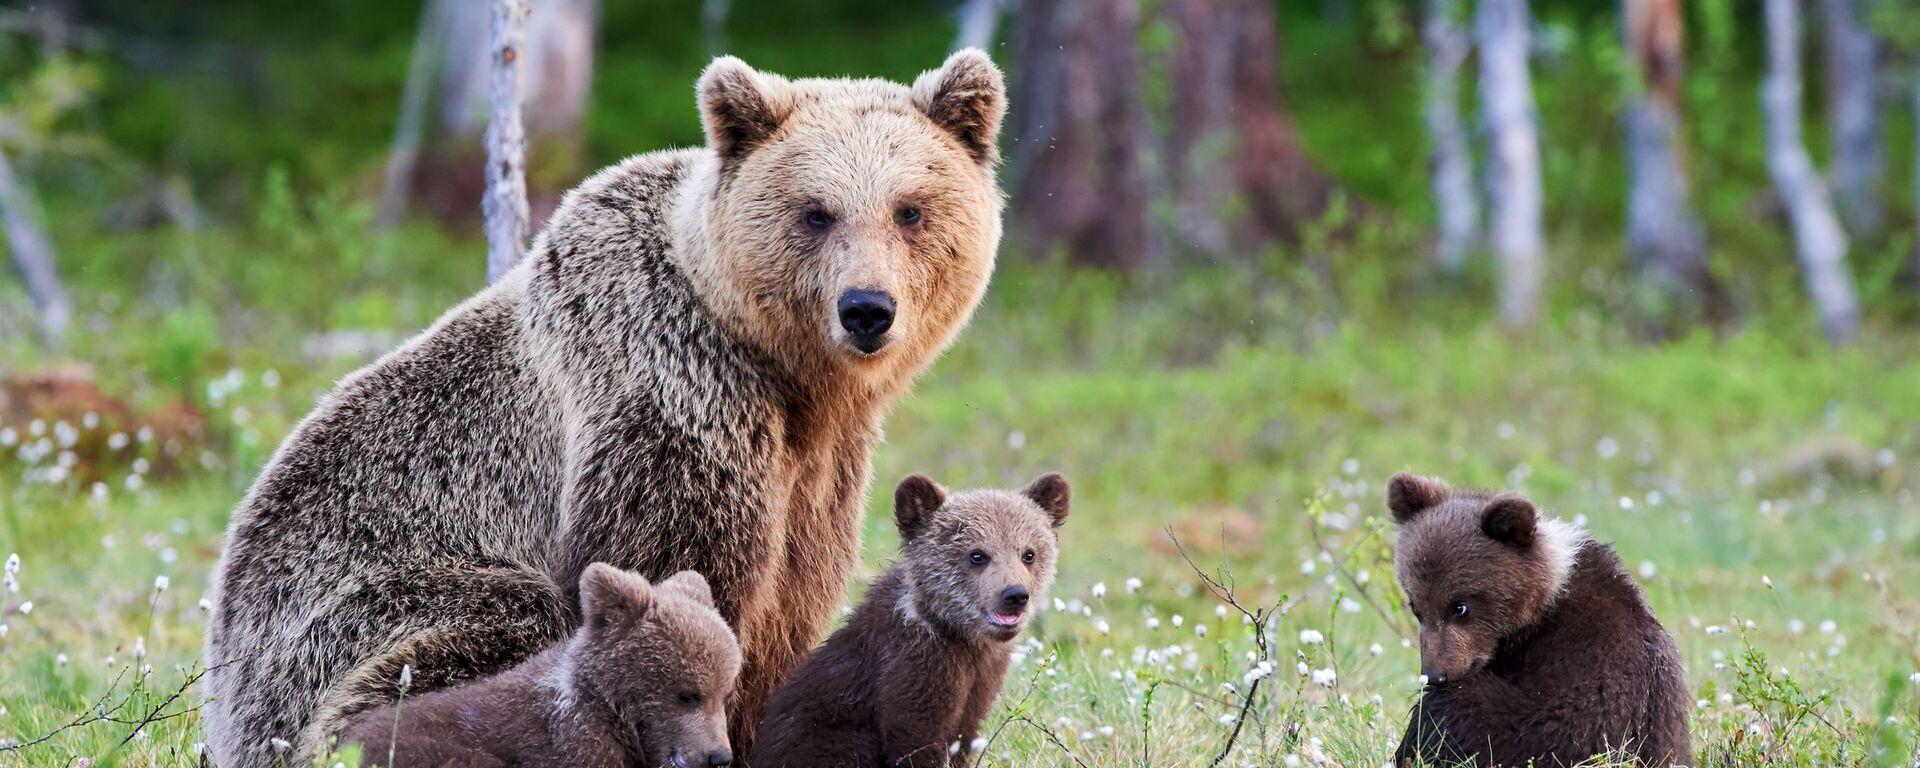 Medvědice s medvíďaty v Tajze. Ilustrační foto - Sputnik Česká republika, 1920, 03.06.2021